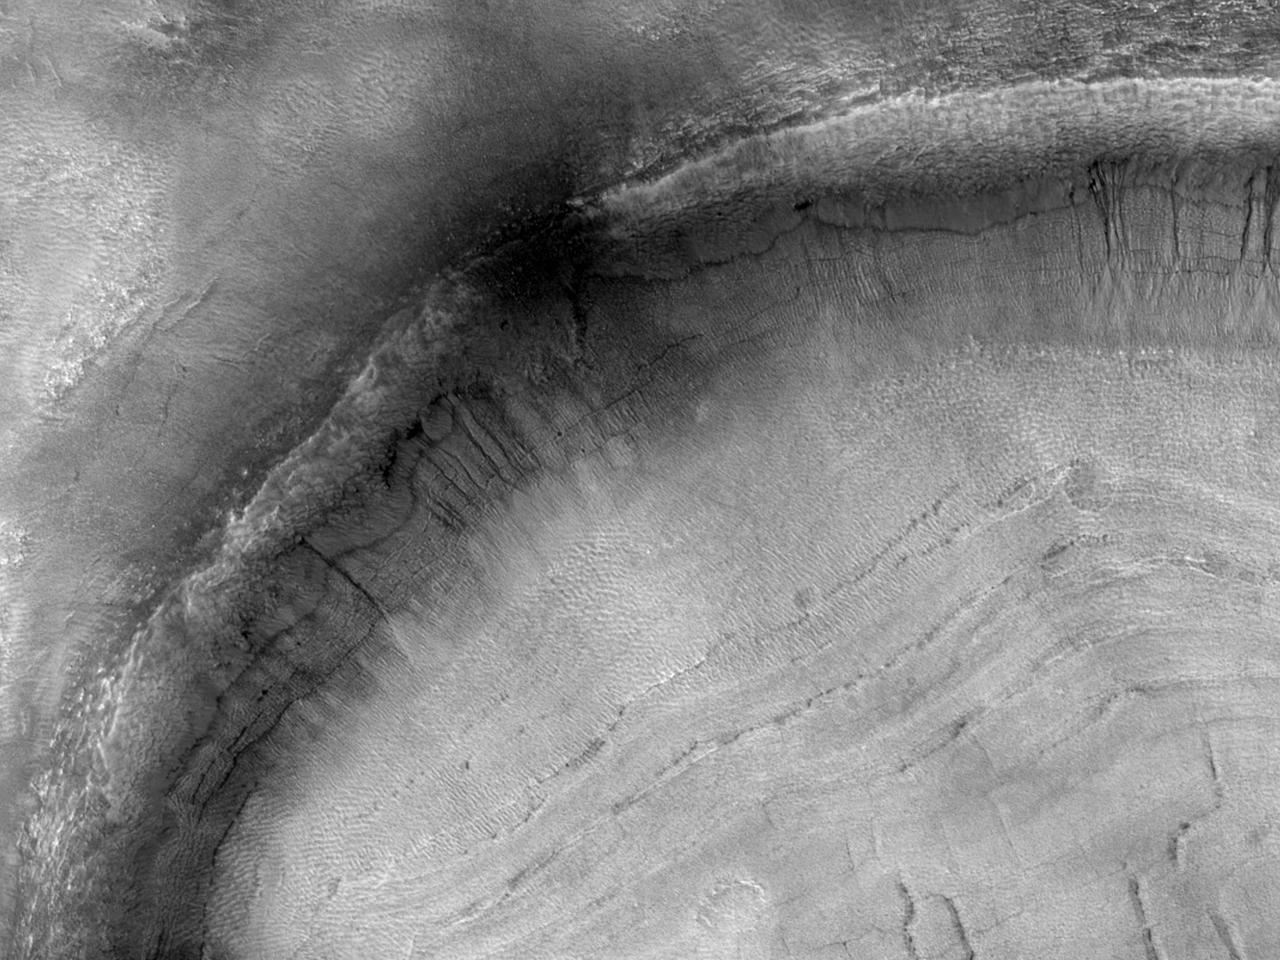 أخاديد في فوهة في منخفضات اسیدالیا (Acidalia Planitia)